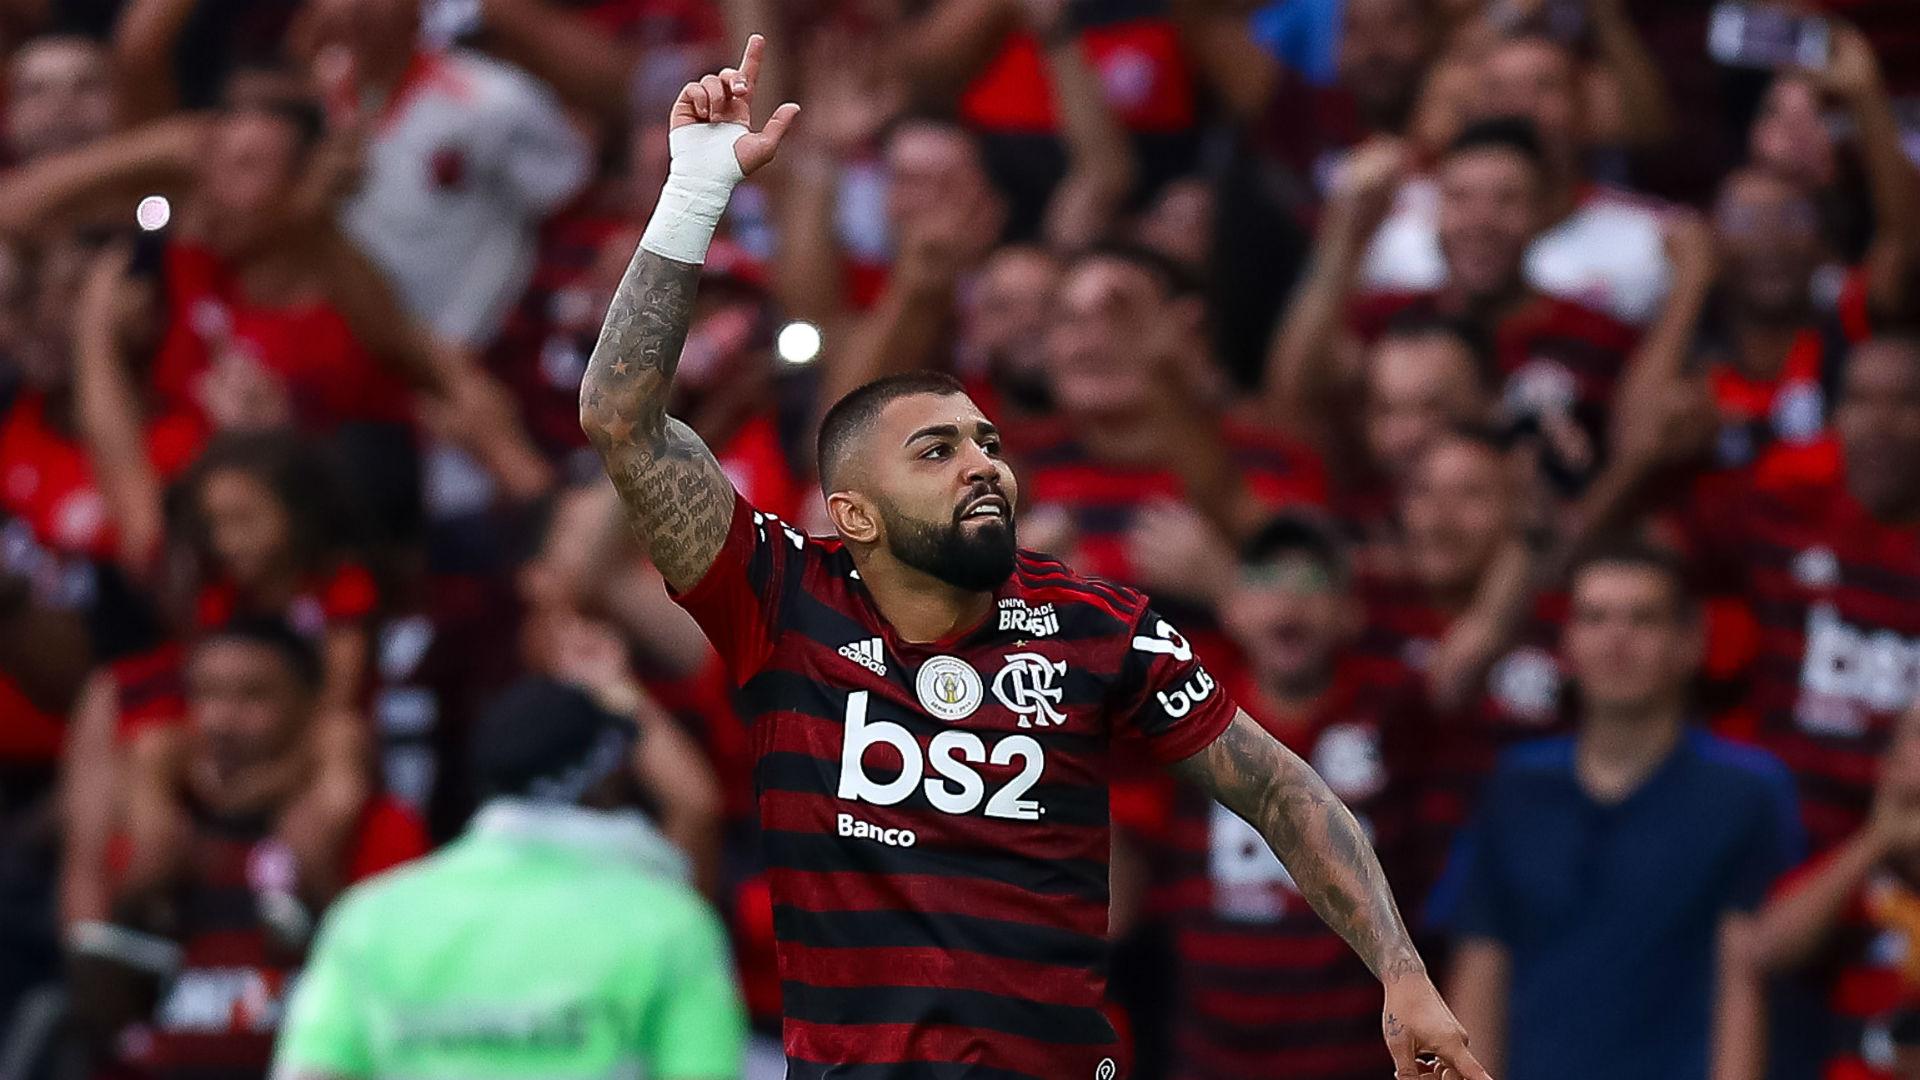 Gabigol Flamengo Palmeiras Brasileirão 01 09 2019